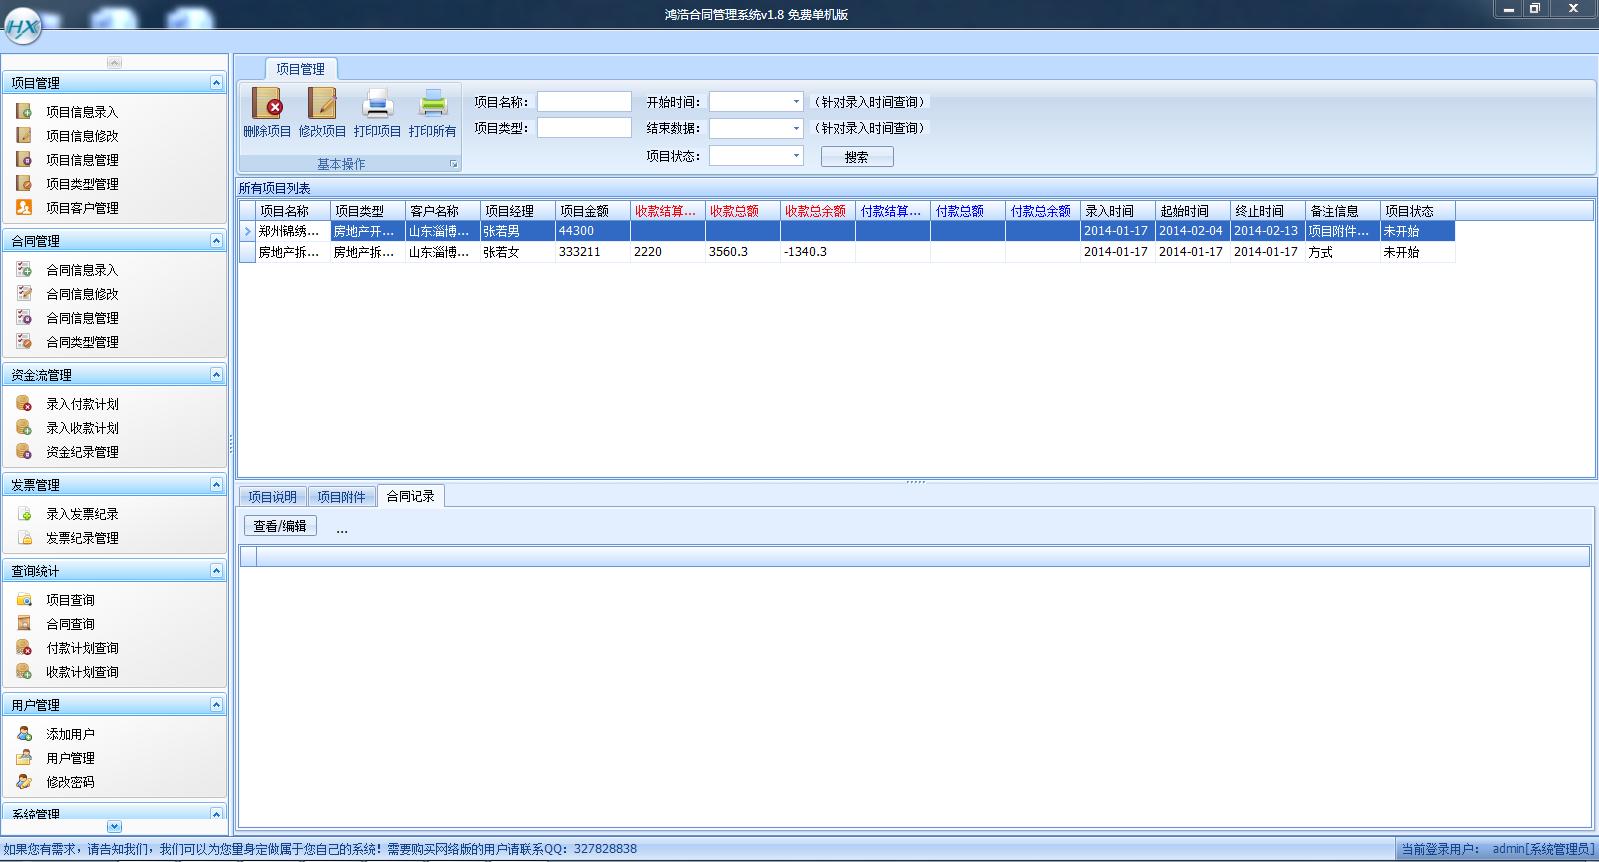 鸿浩合同管理系统 v1.8官方版